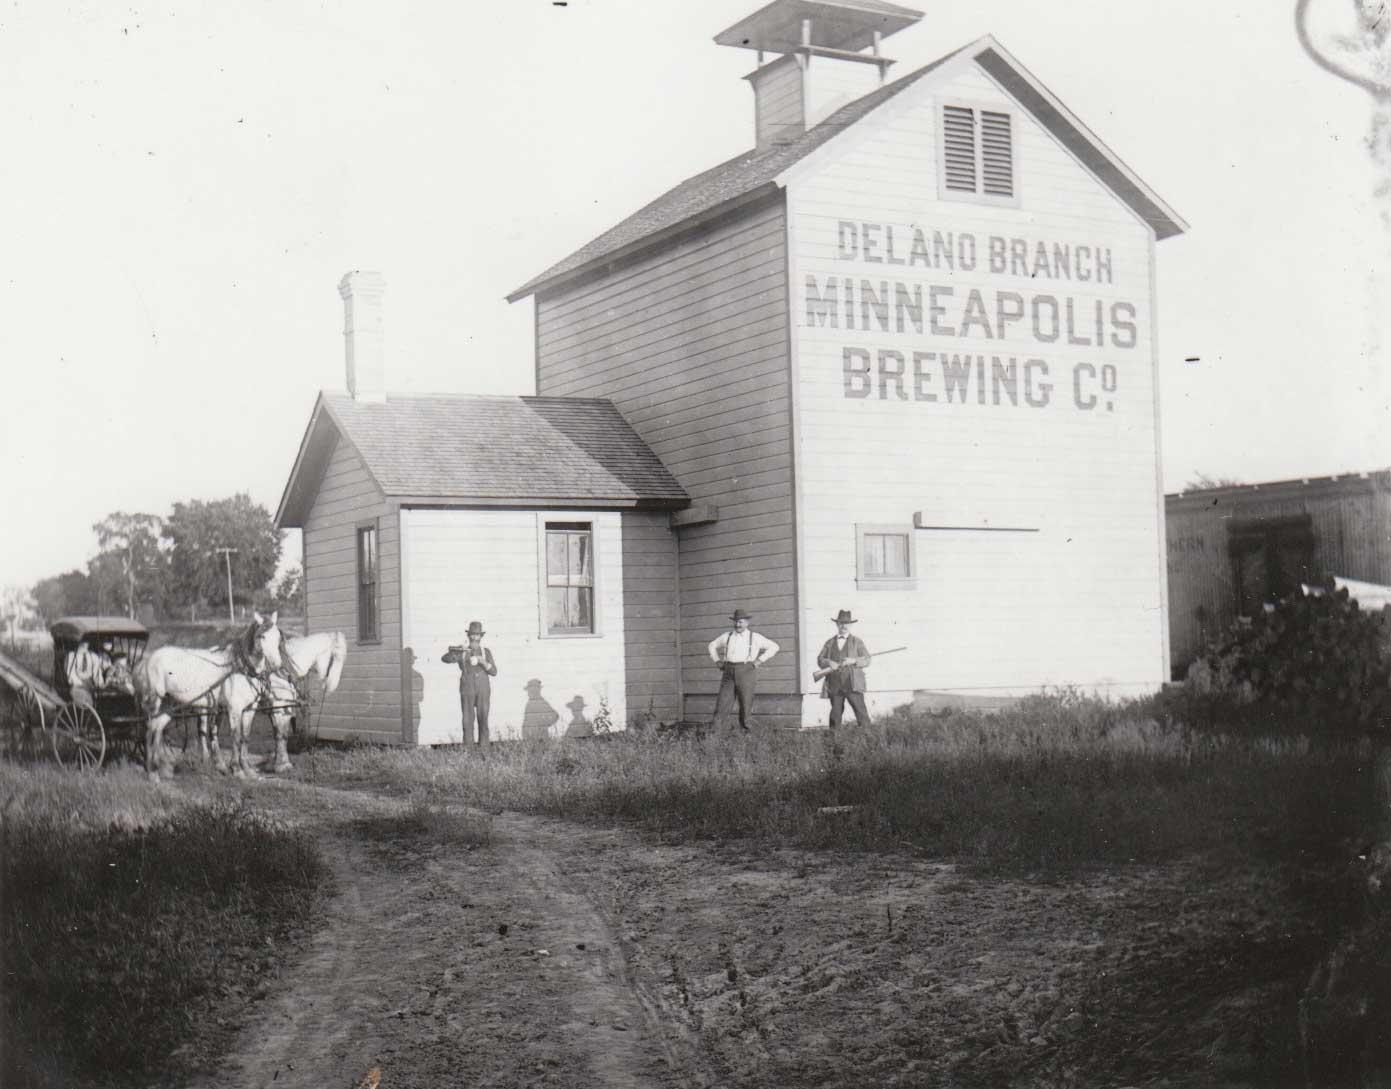 2. Delano Branch Brewing Company